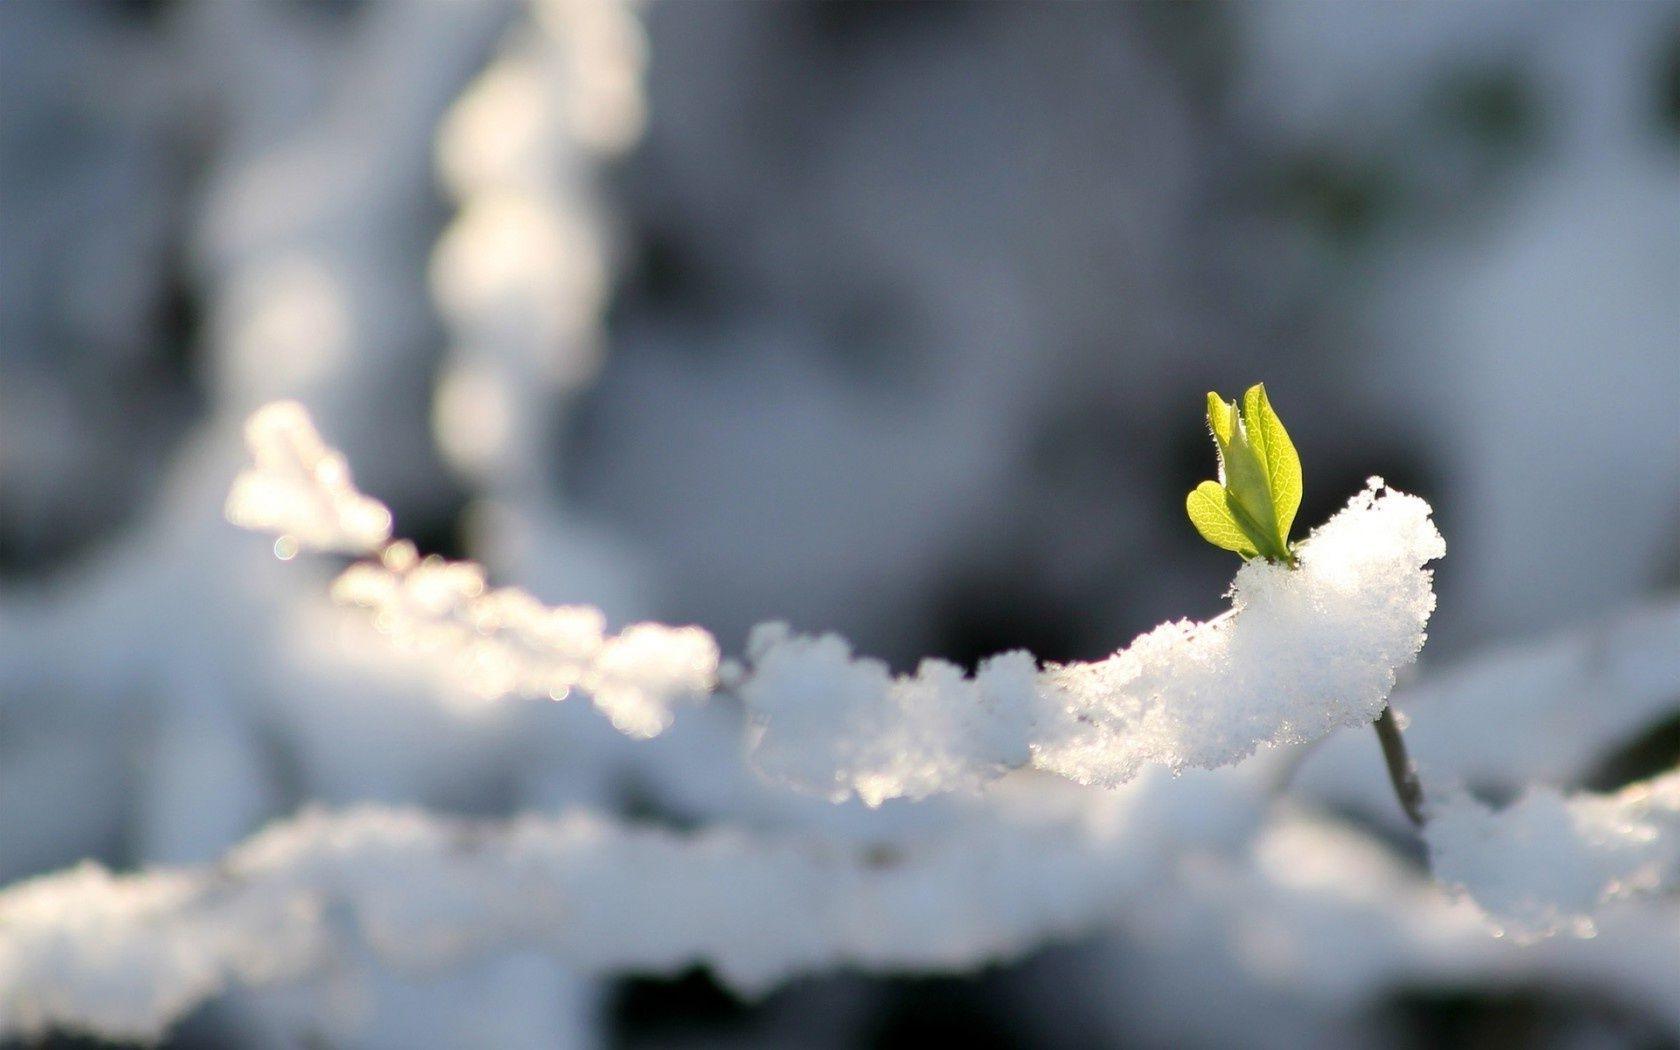 Картинки тает снег начало весны, ссср новым годом